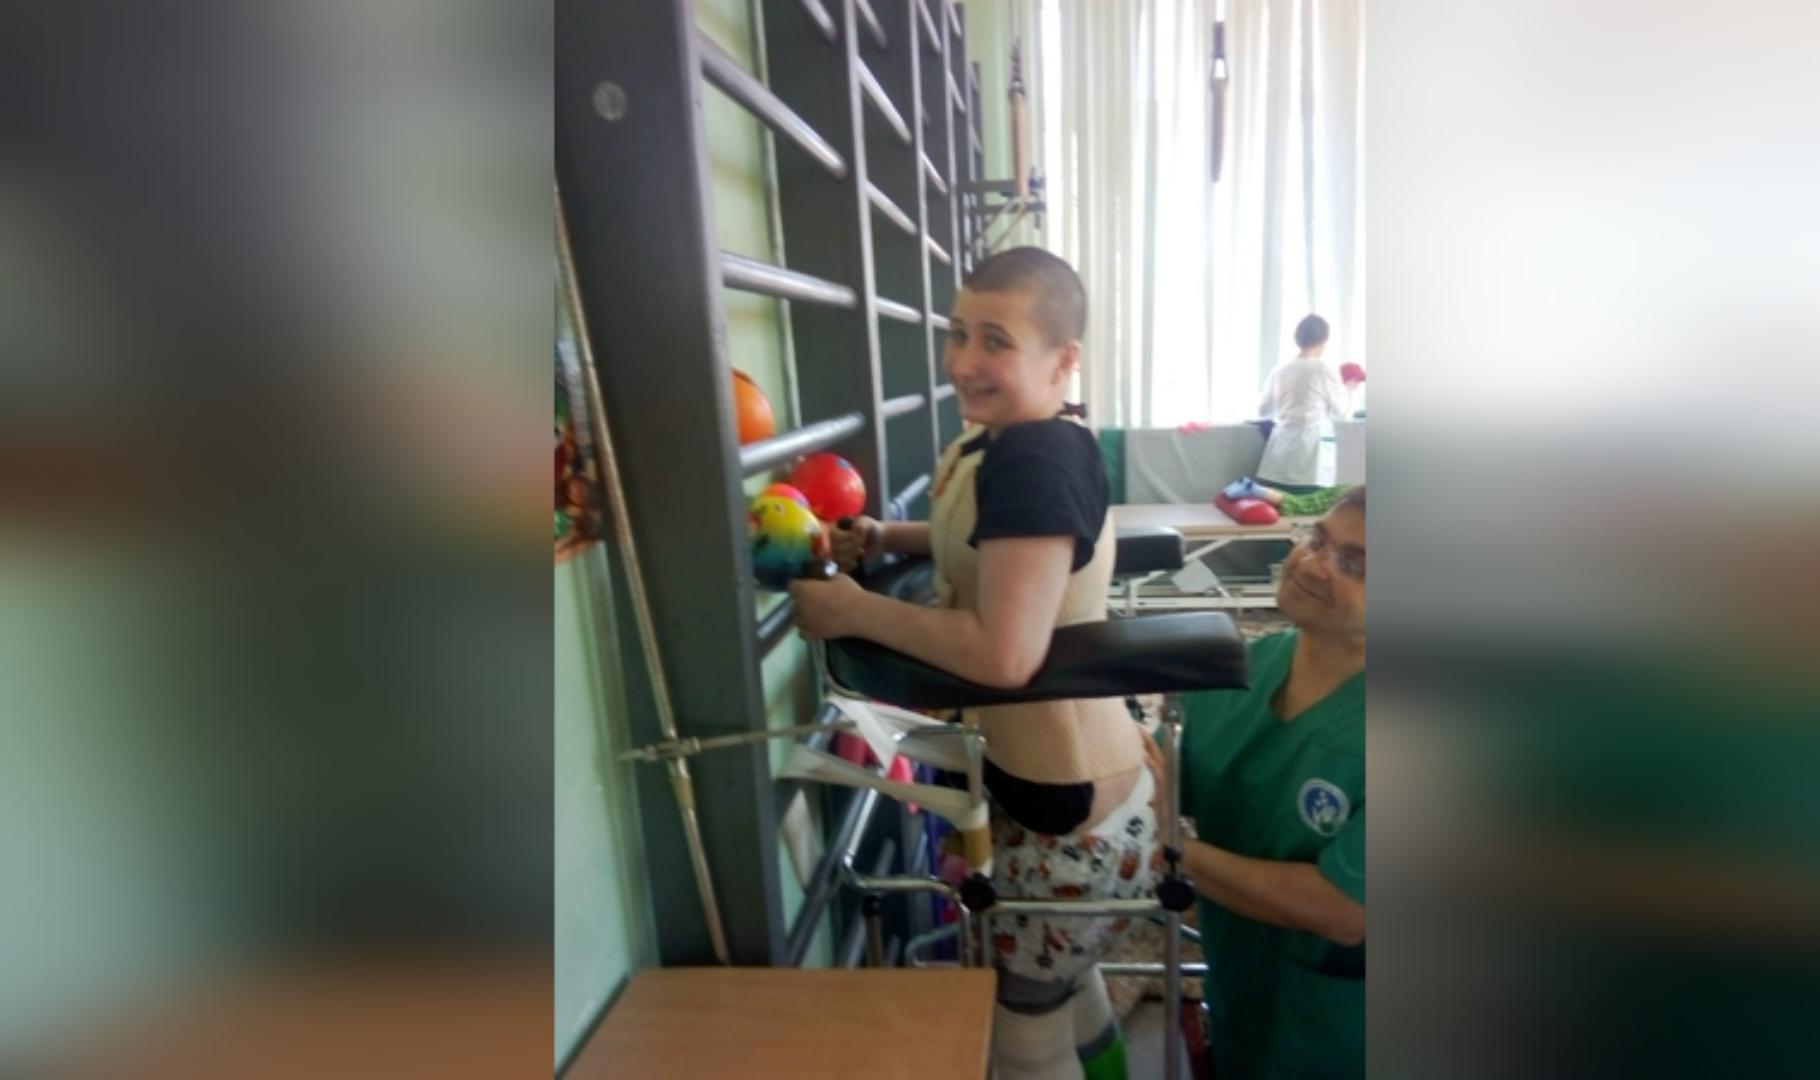 Я уже не встану: Петербурженка рассказала о своей жизни после падения на неё строительных лесов